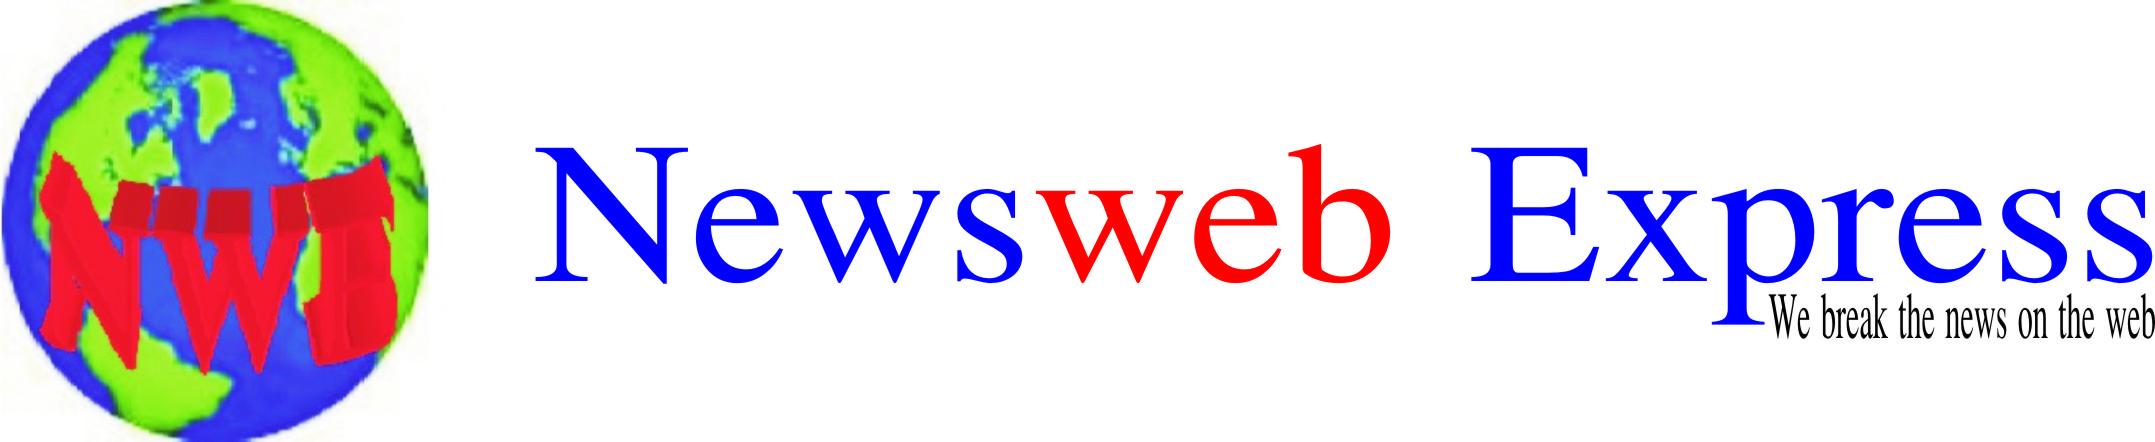 Newsweb Express